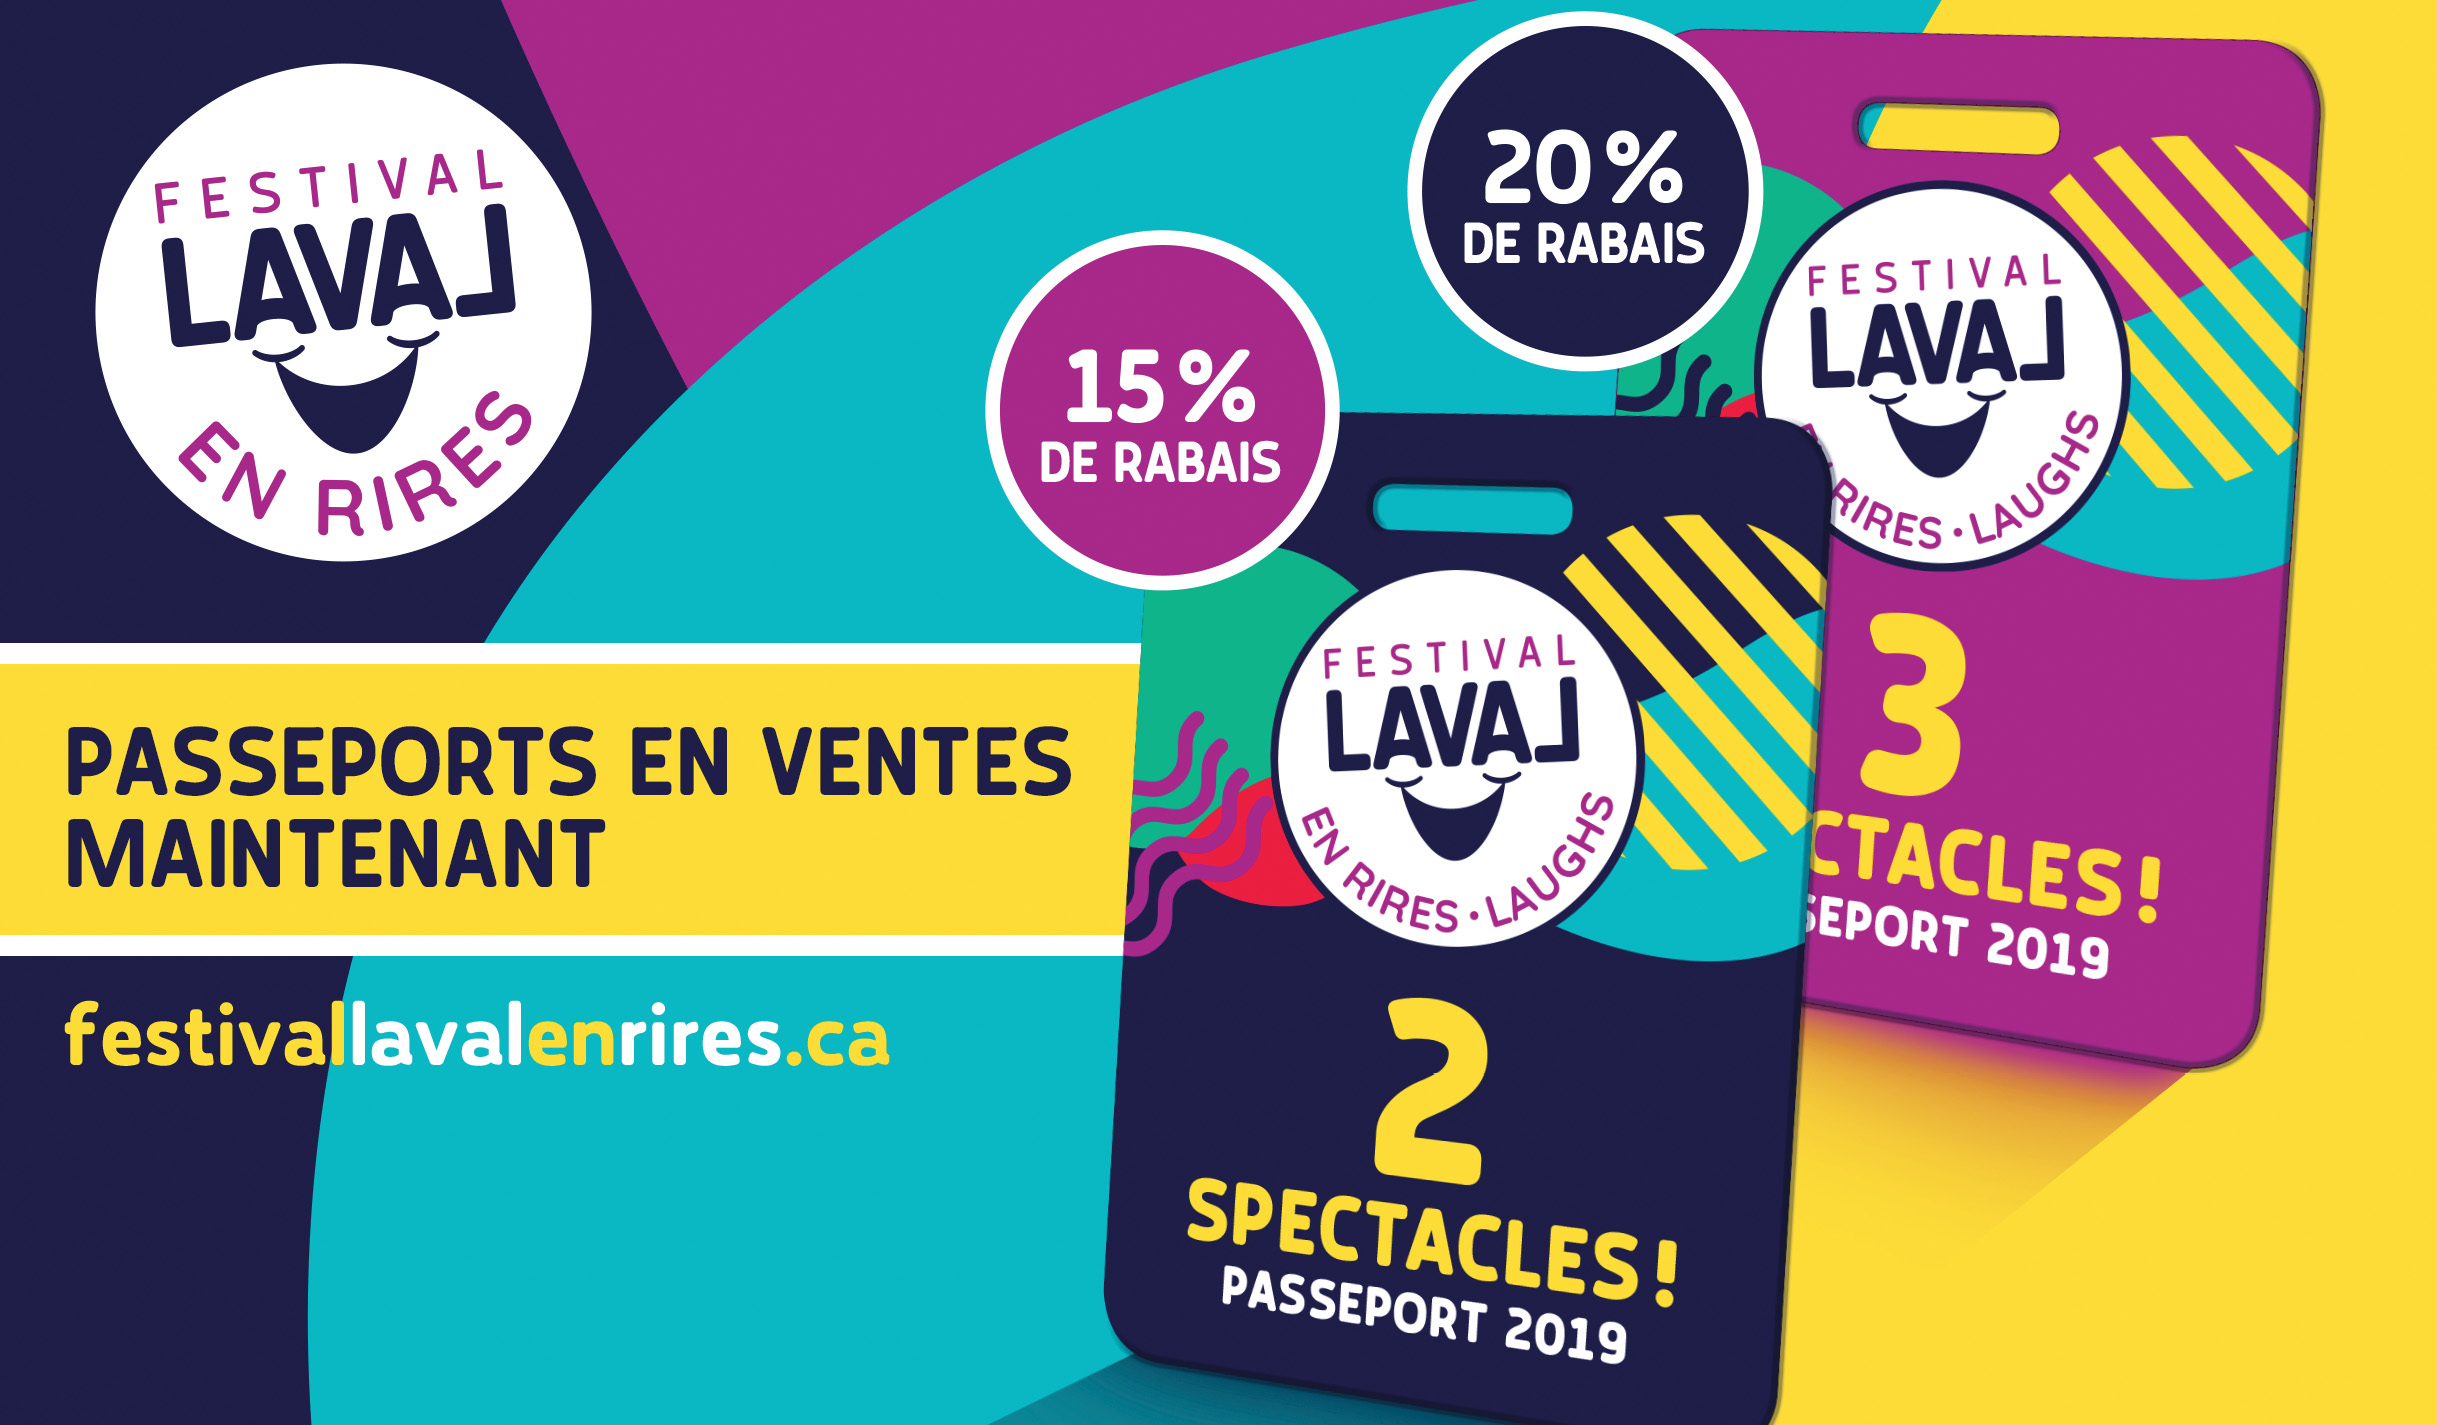 D-7897_Festival Laval en Rires_Plan 2019_pub magazine septembre 8.125x4,75_FR_EN_01_HR-1